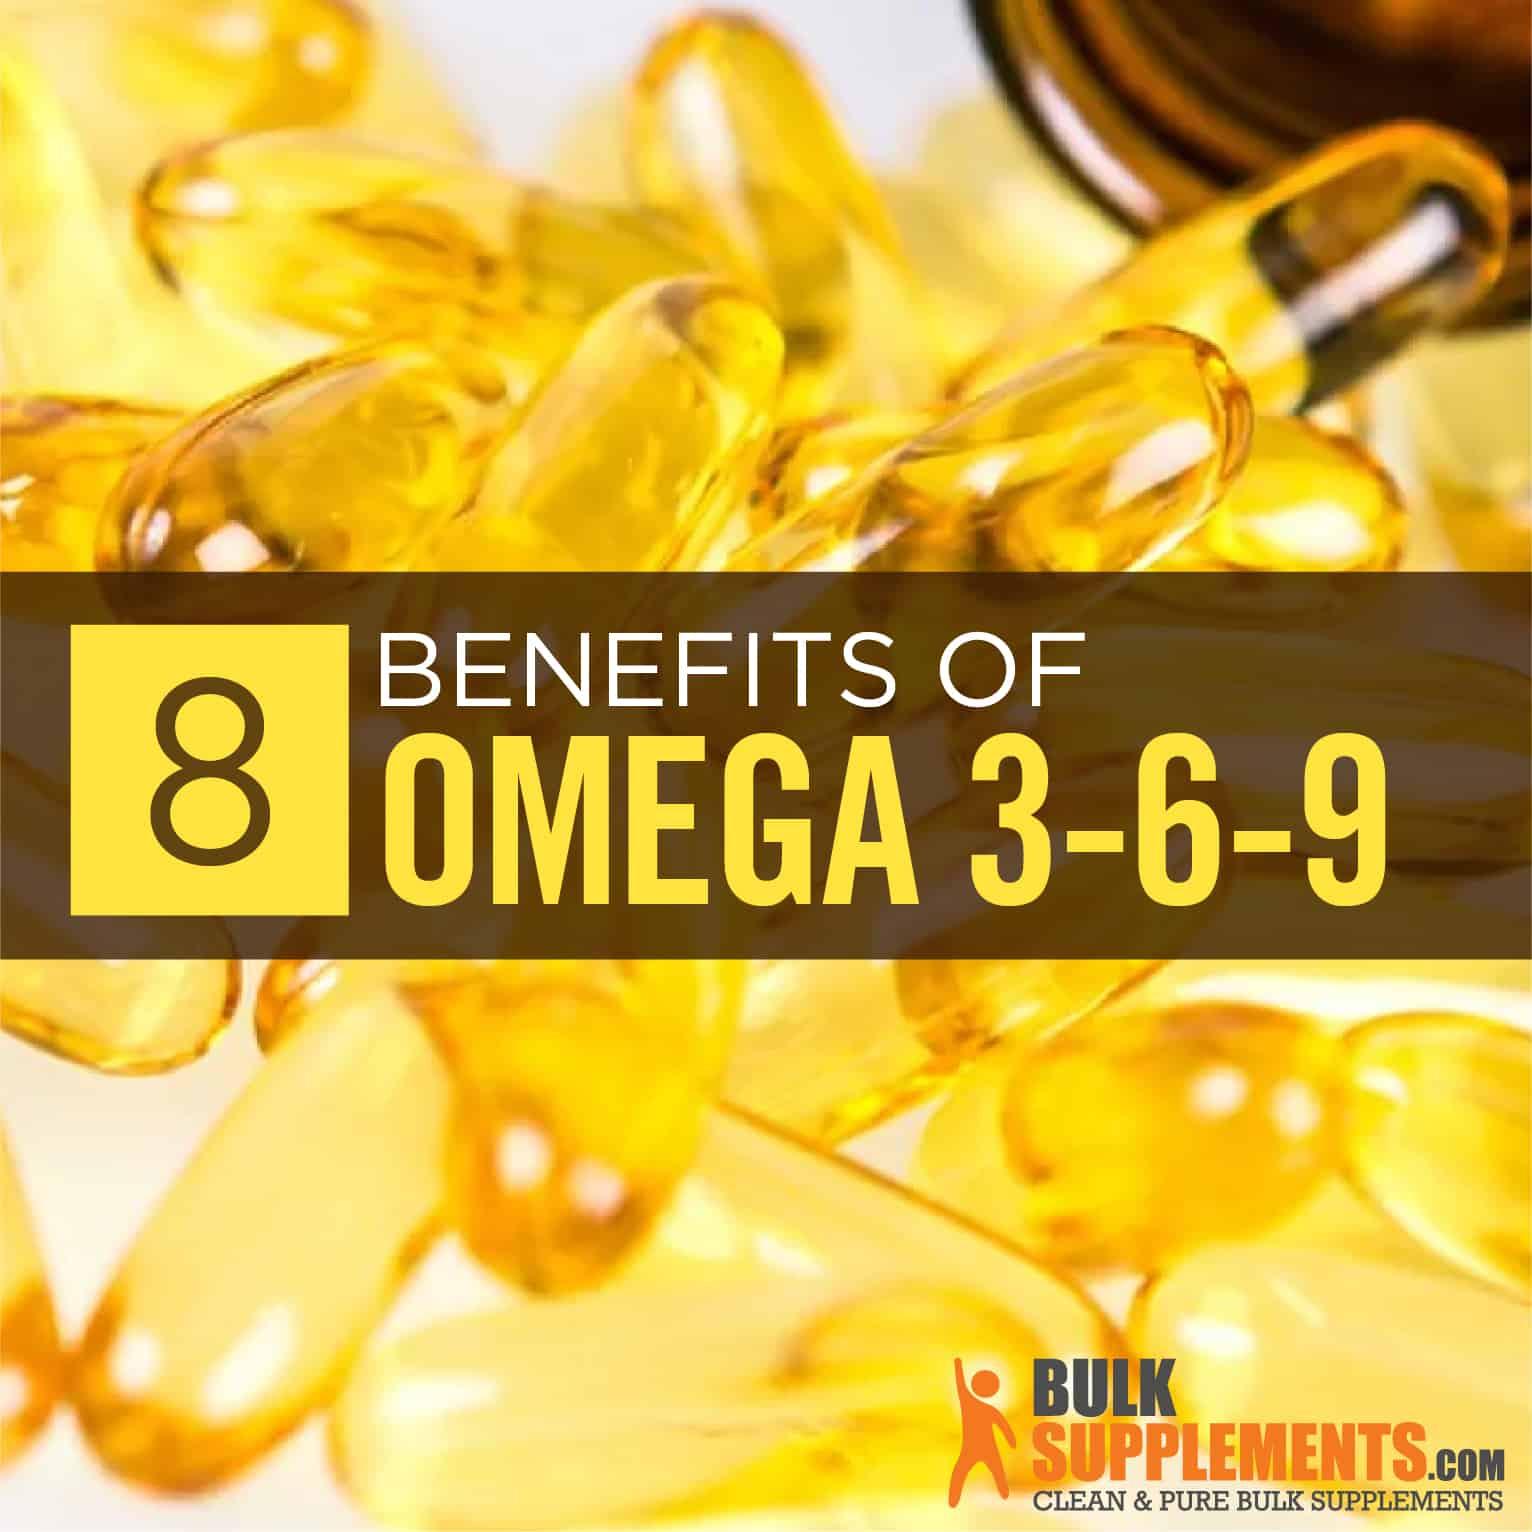 Omega 3-6-9: Benefits, Side Effects & Dosage